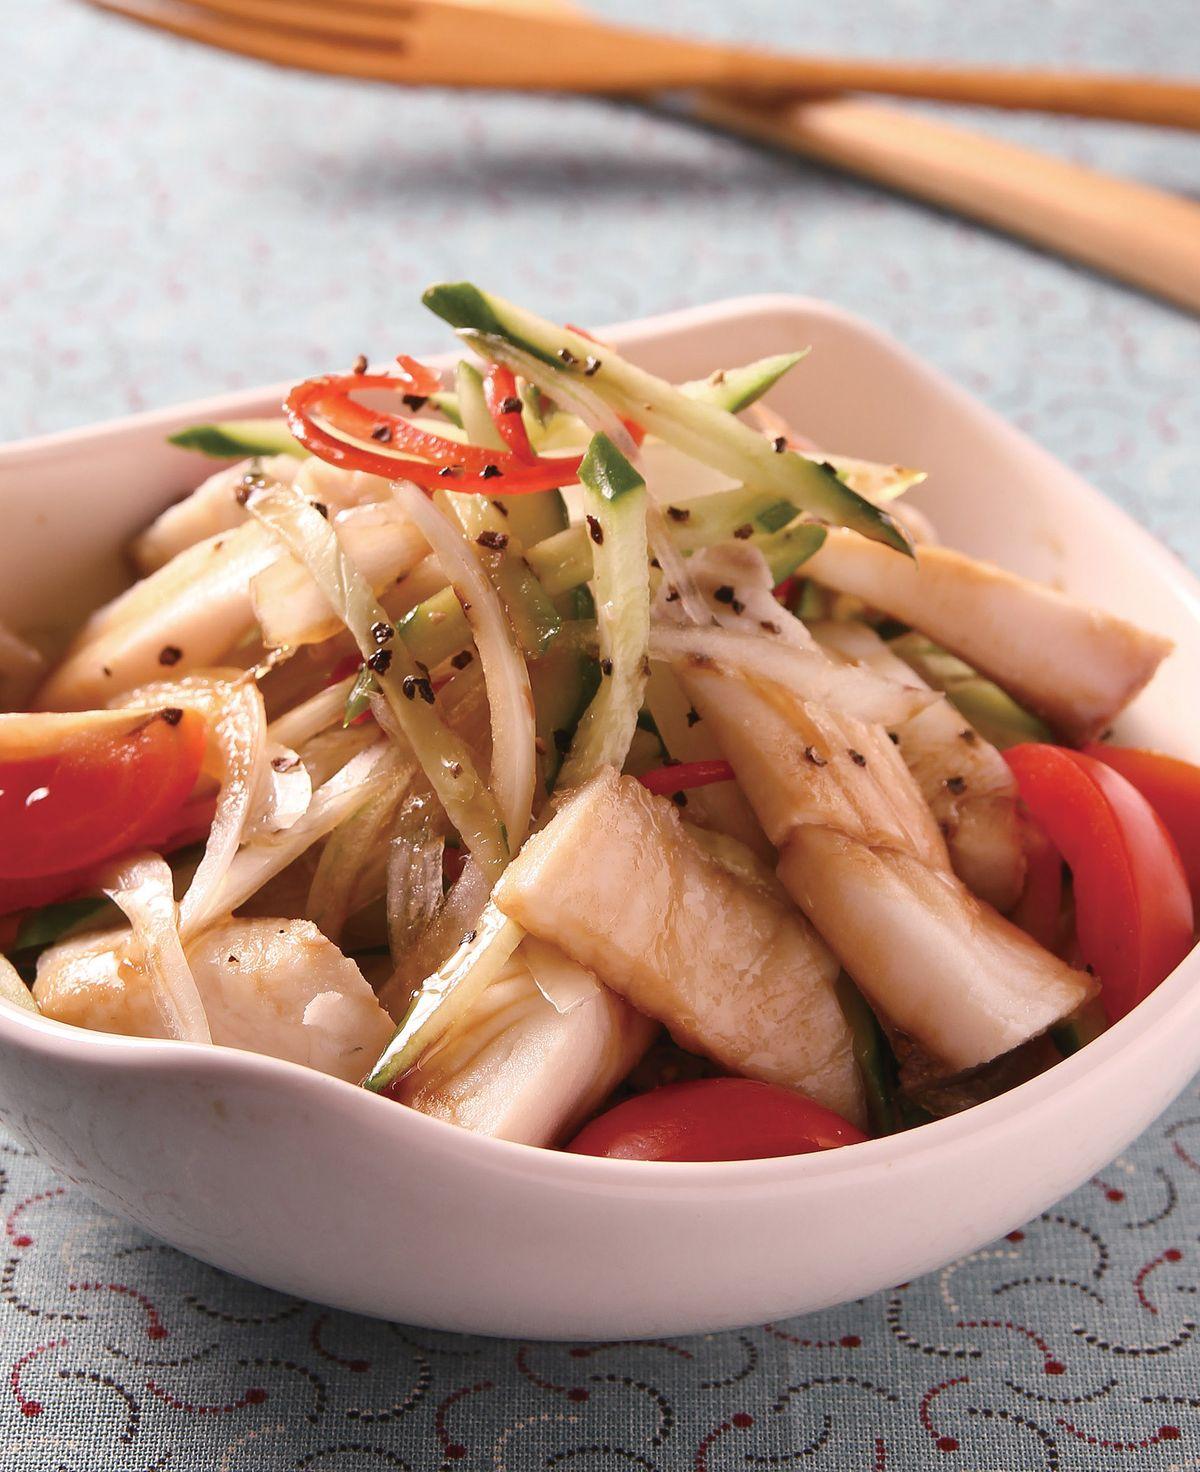 食譜:洋蔥涼拌魚條